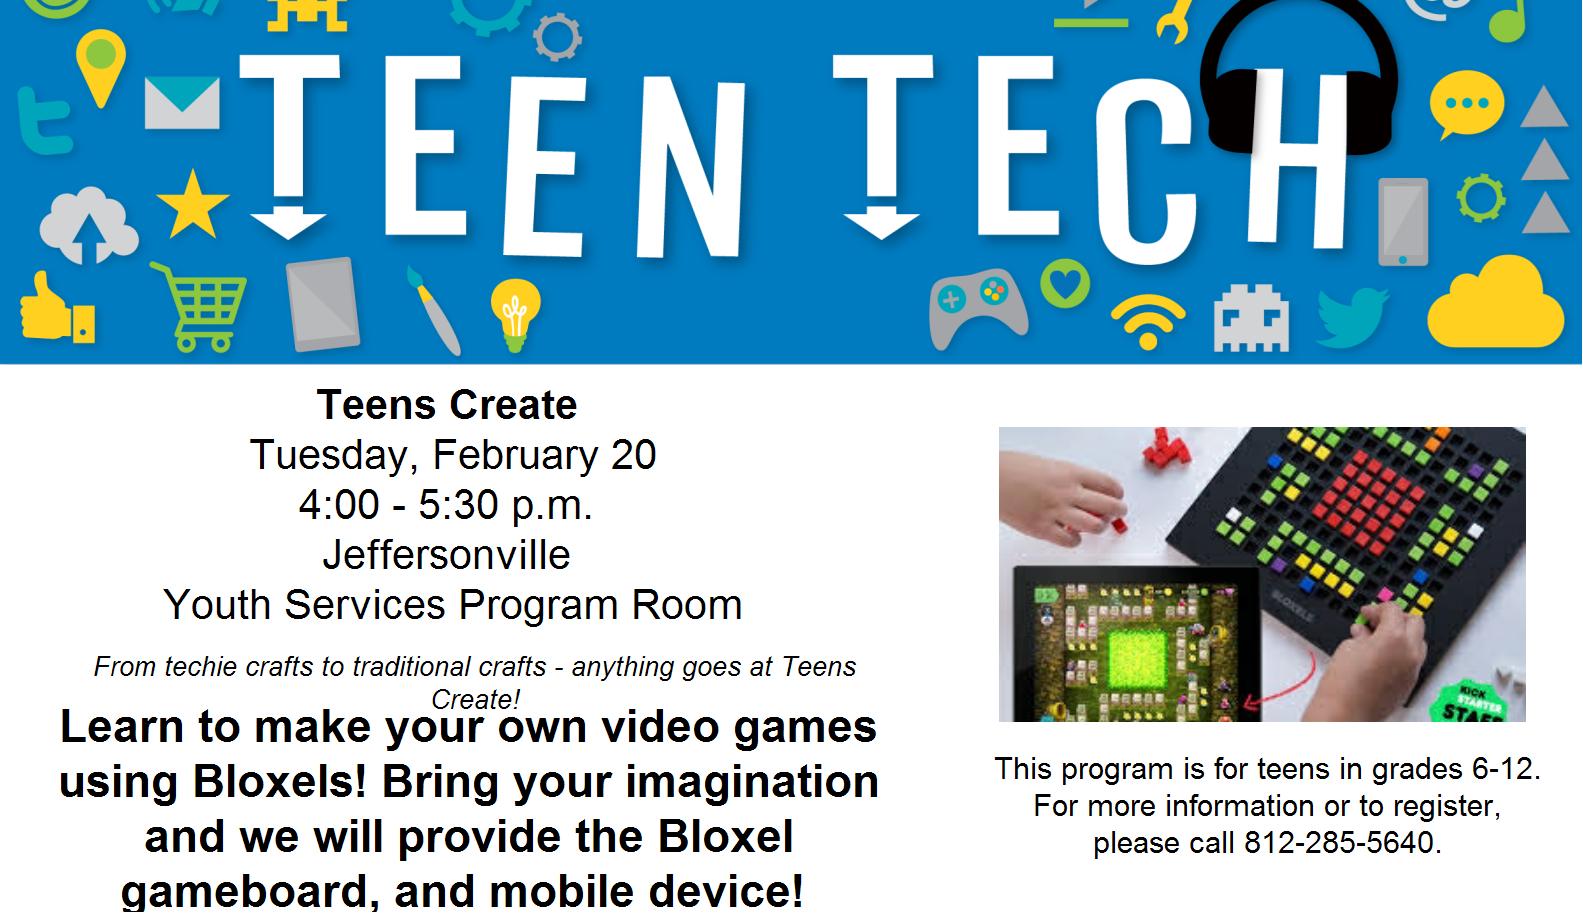 Teens Create - Bloxels